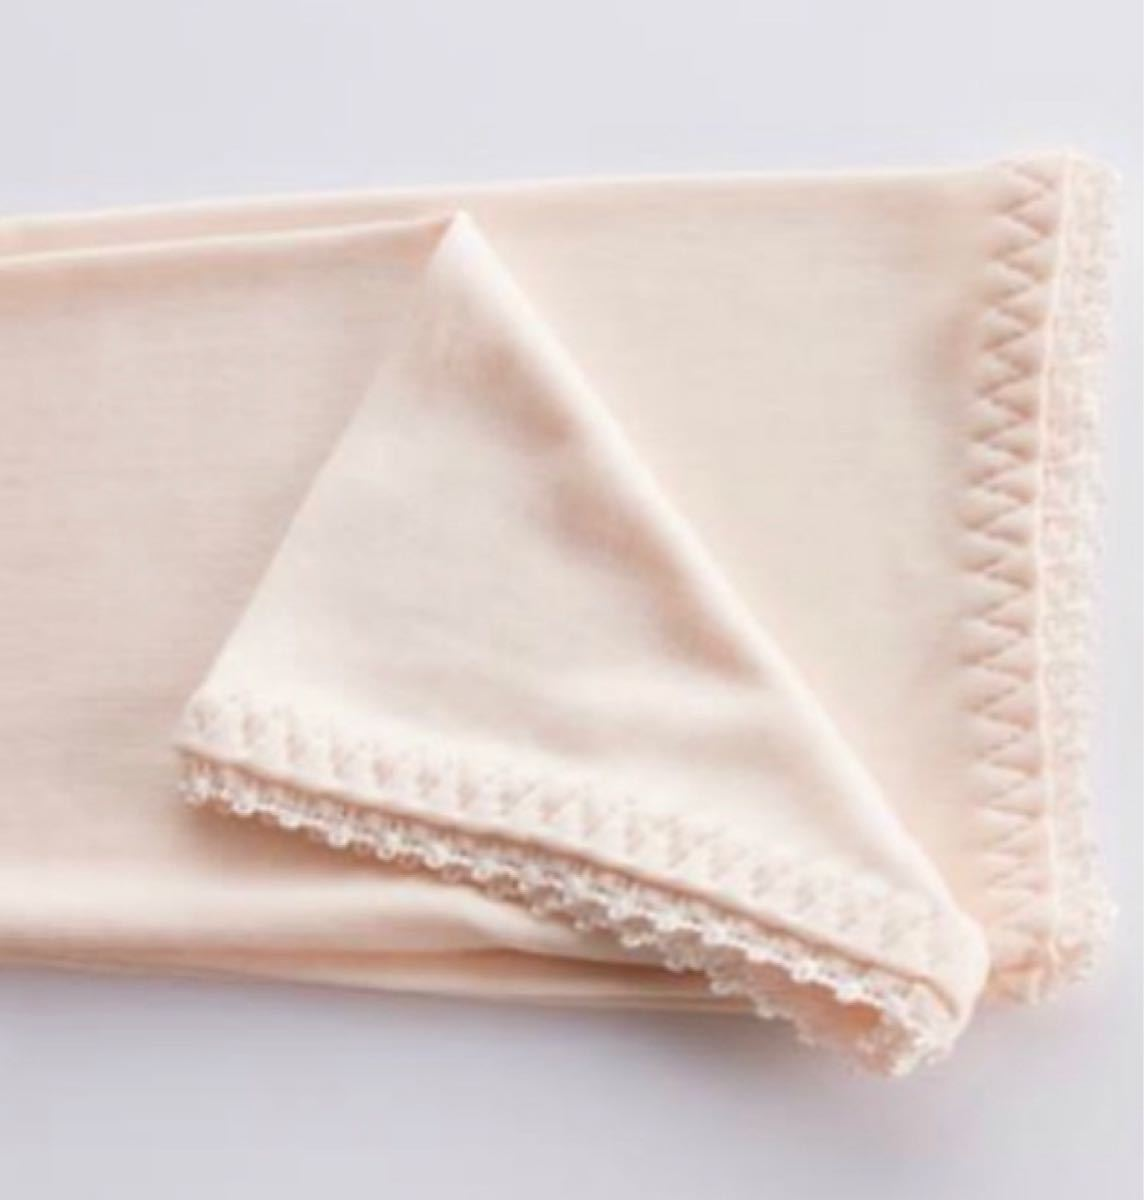 シルク絹100%  手袋 乾燥対策美肌潤いUV対策 黒 1点 長さ58cm